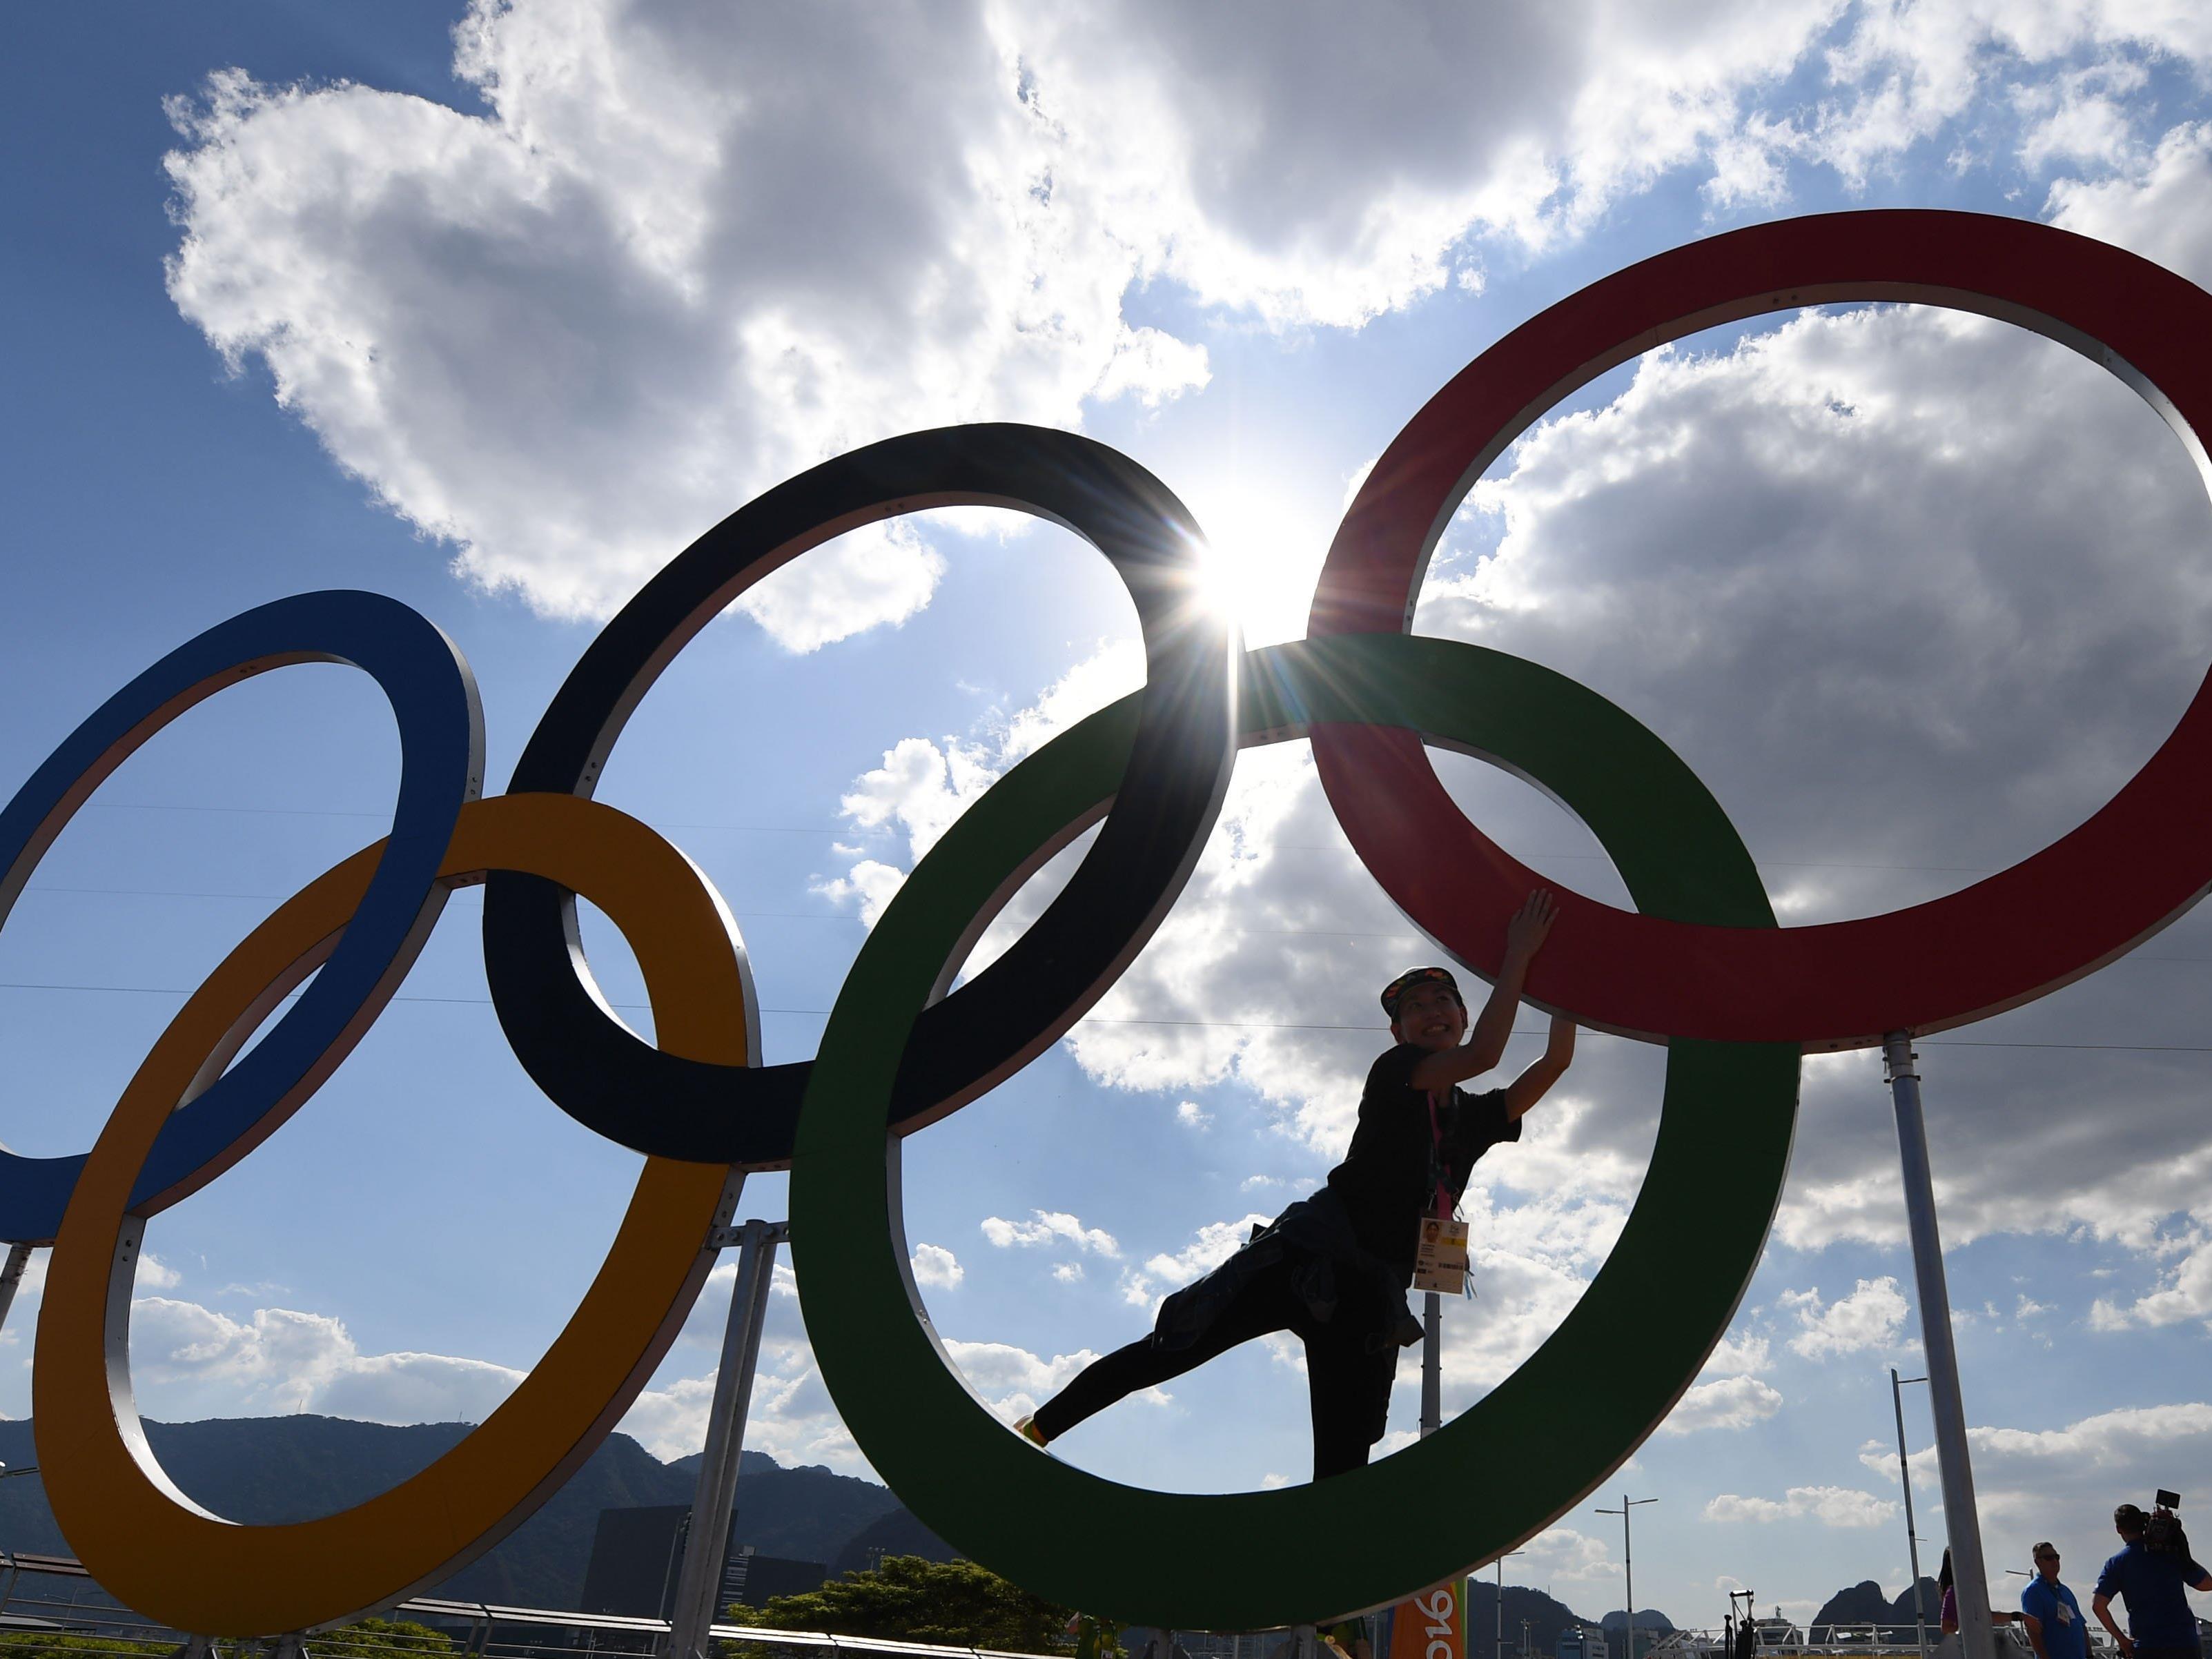 Bald beginnen die olympischen Spiele.